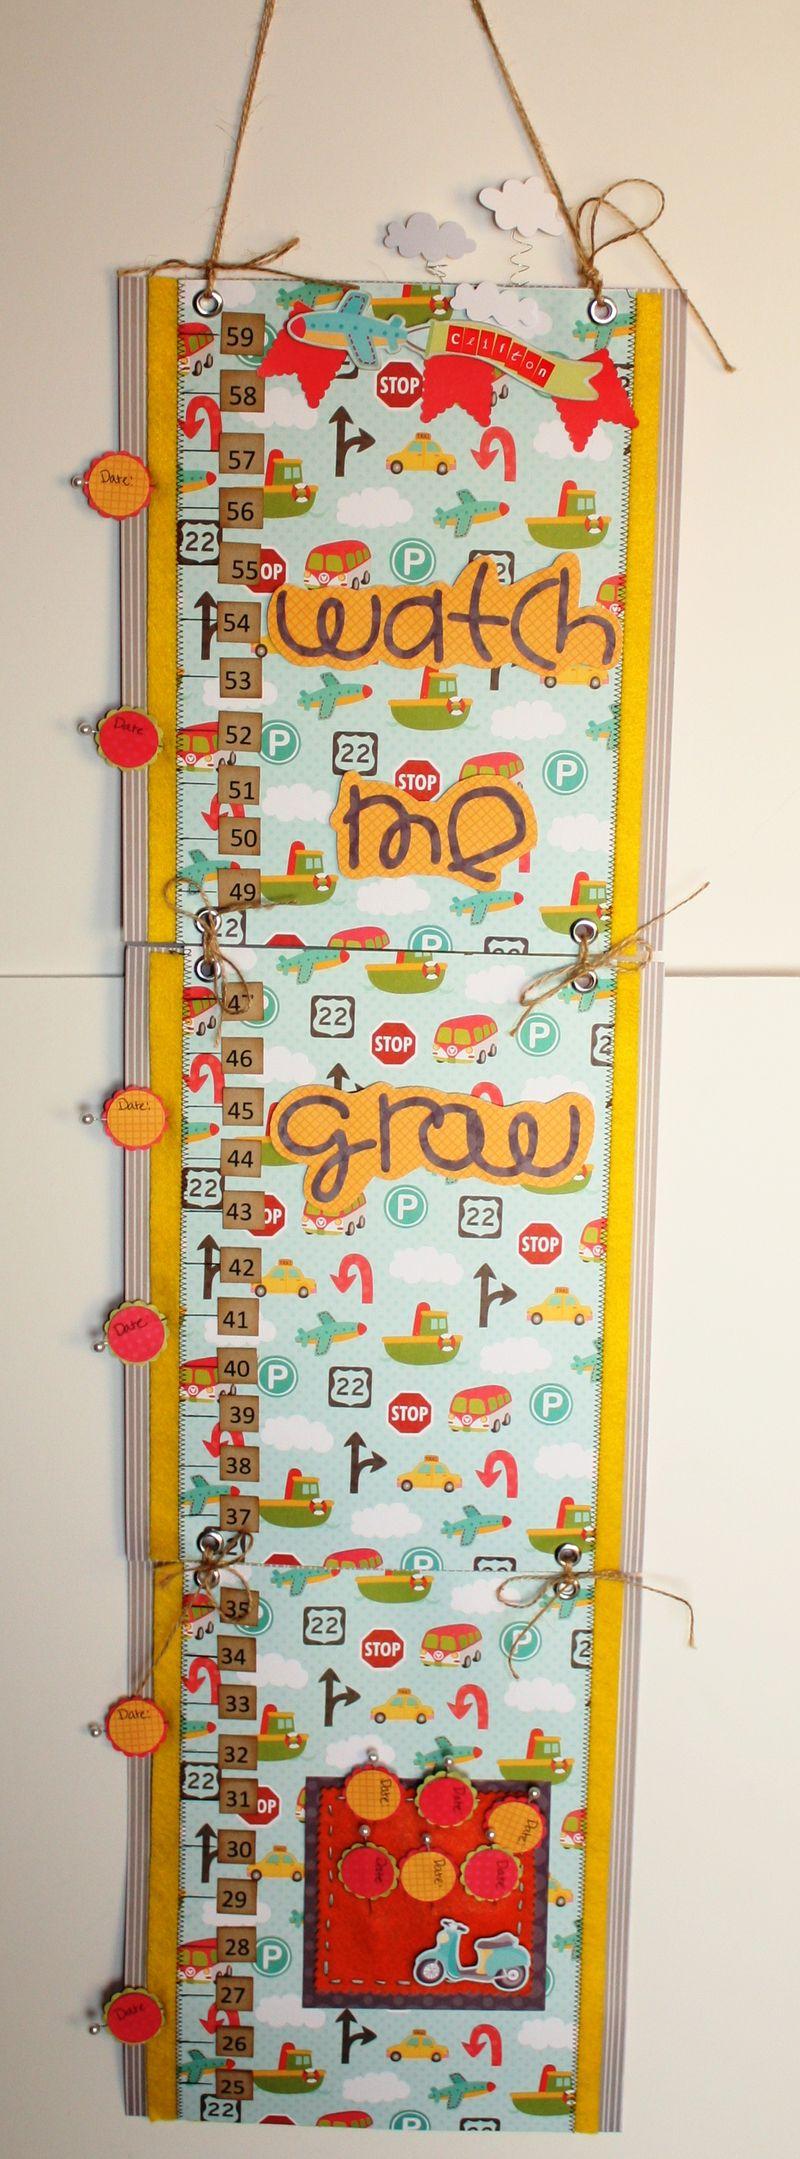 My little shoebox- growth chart-pattie beltran